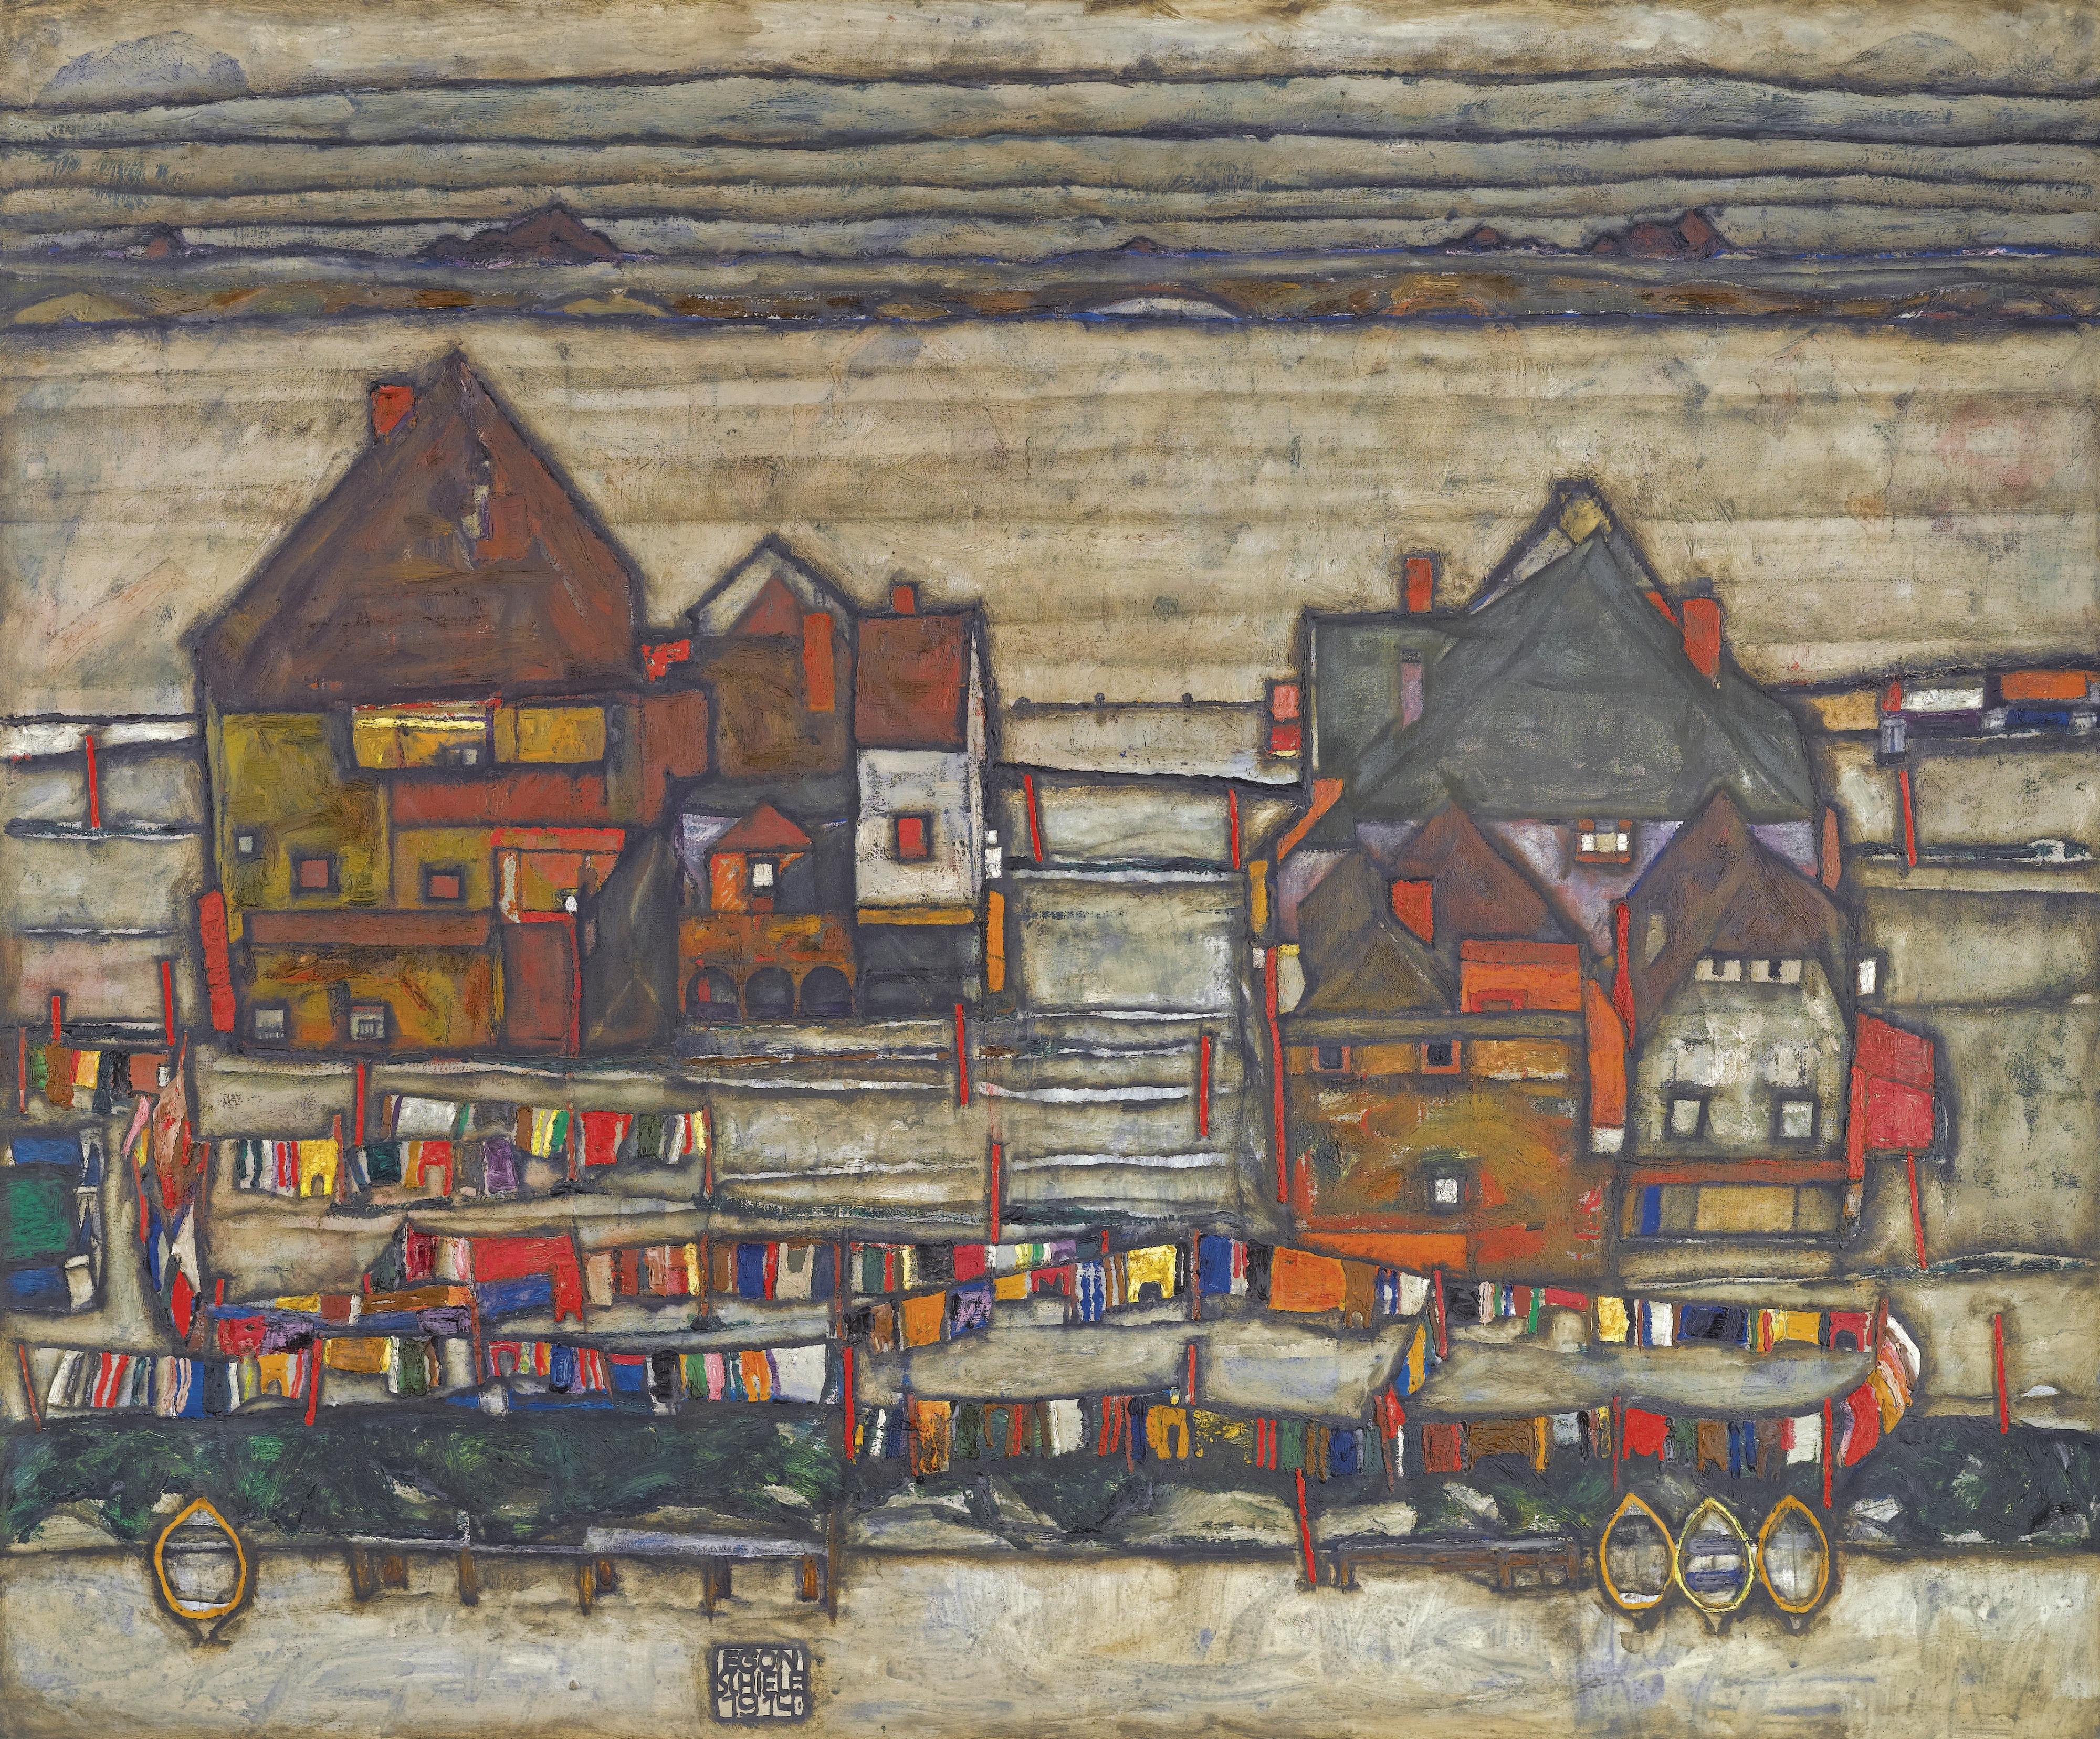 Egon Schiele, Häuser mit bunter Wäsche (Maisons avec linge de couleur),1914, via Wikiart